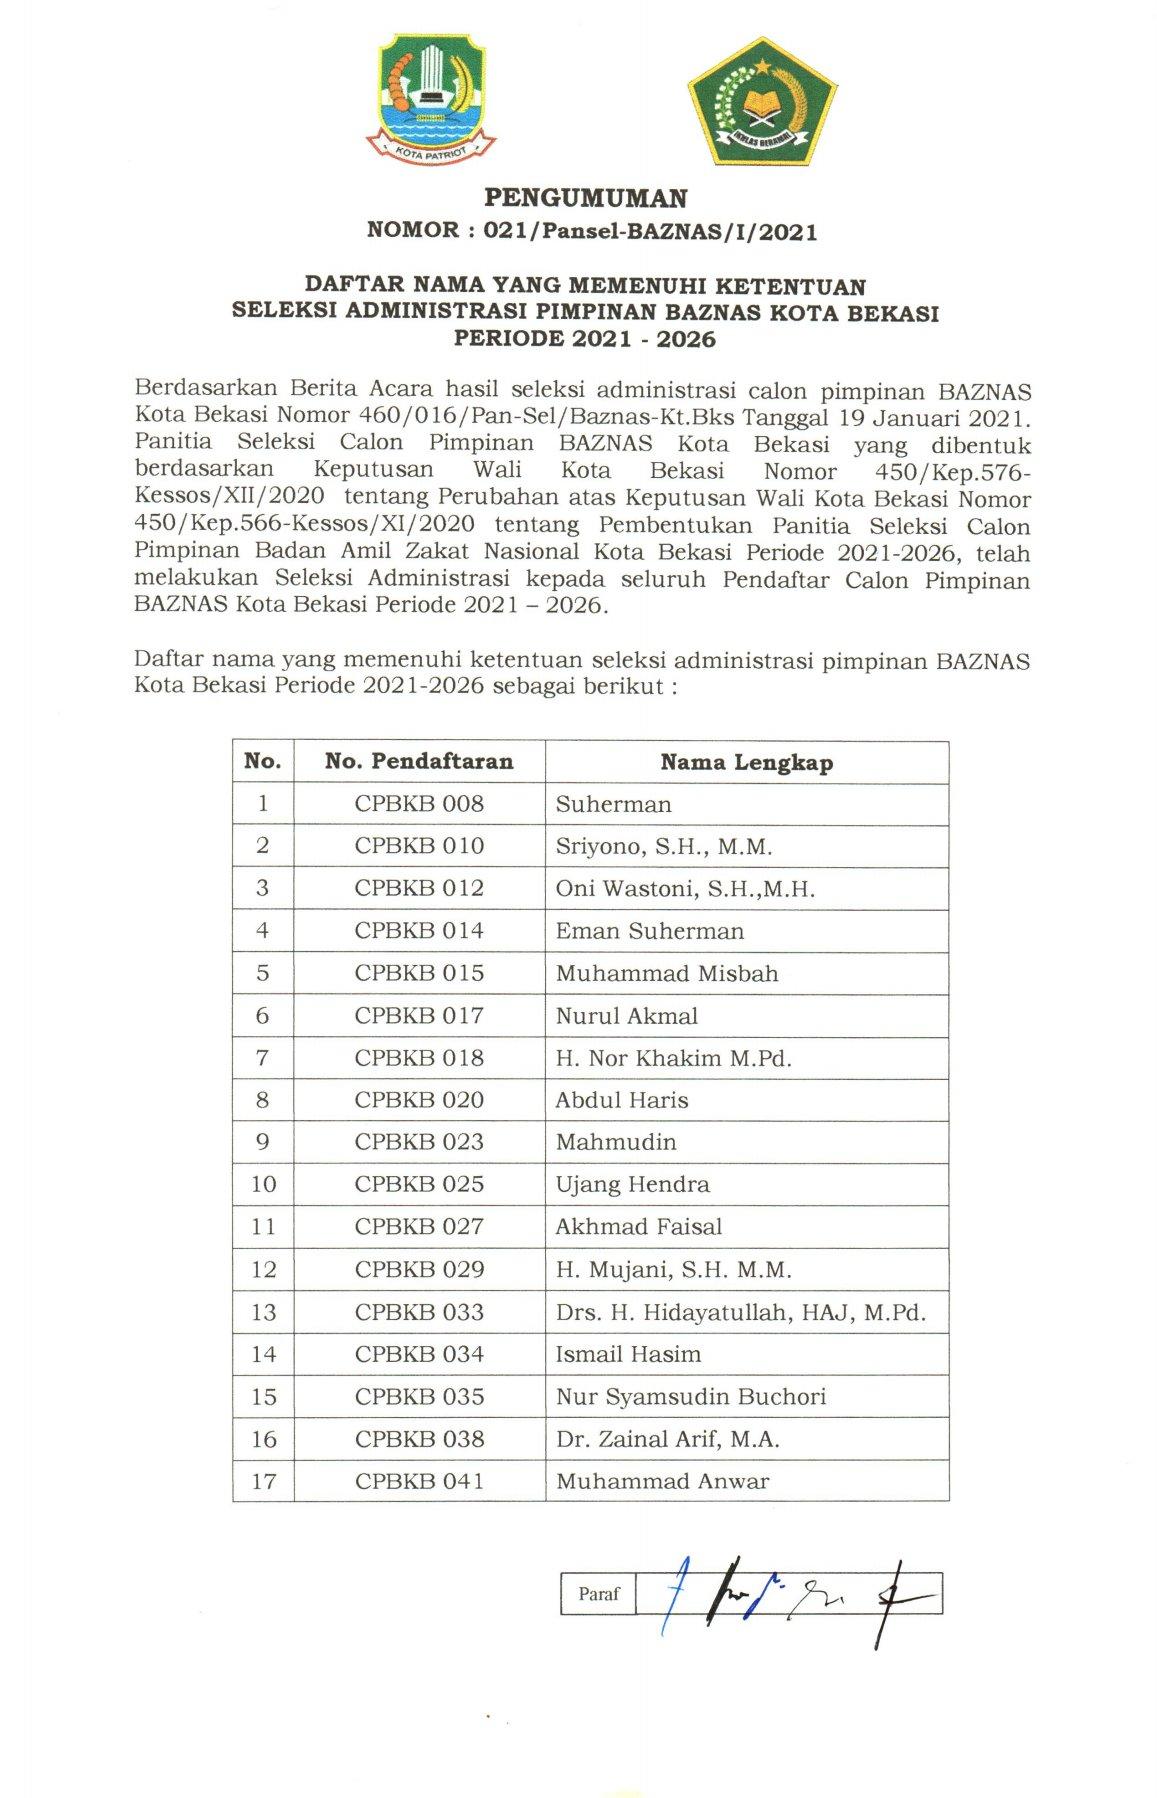 Pengumuman Daftar Nama yang Memenuhi Ketentuan Seleksi Administrasi Pimpinan Baznas